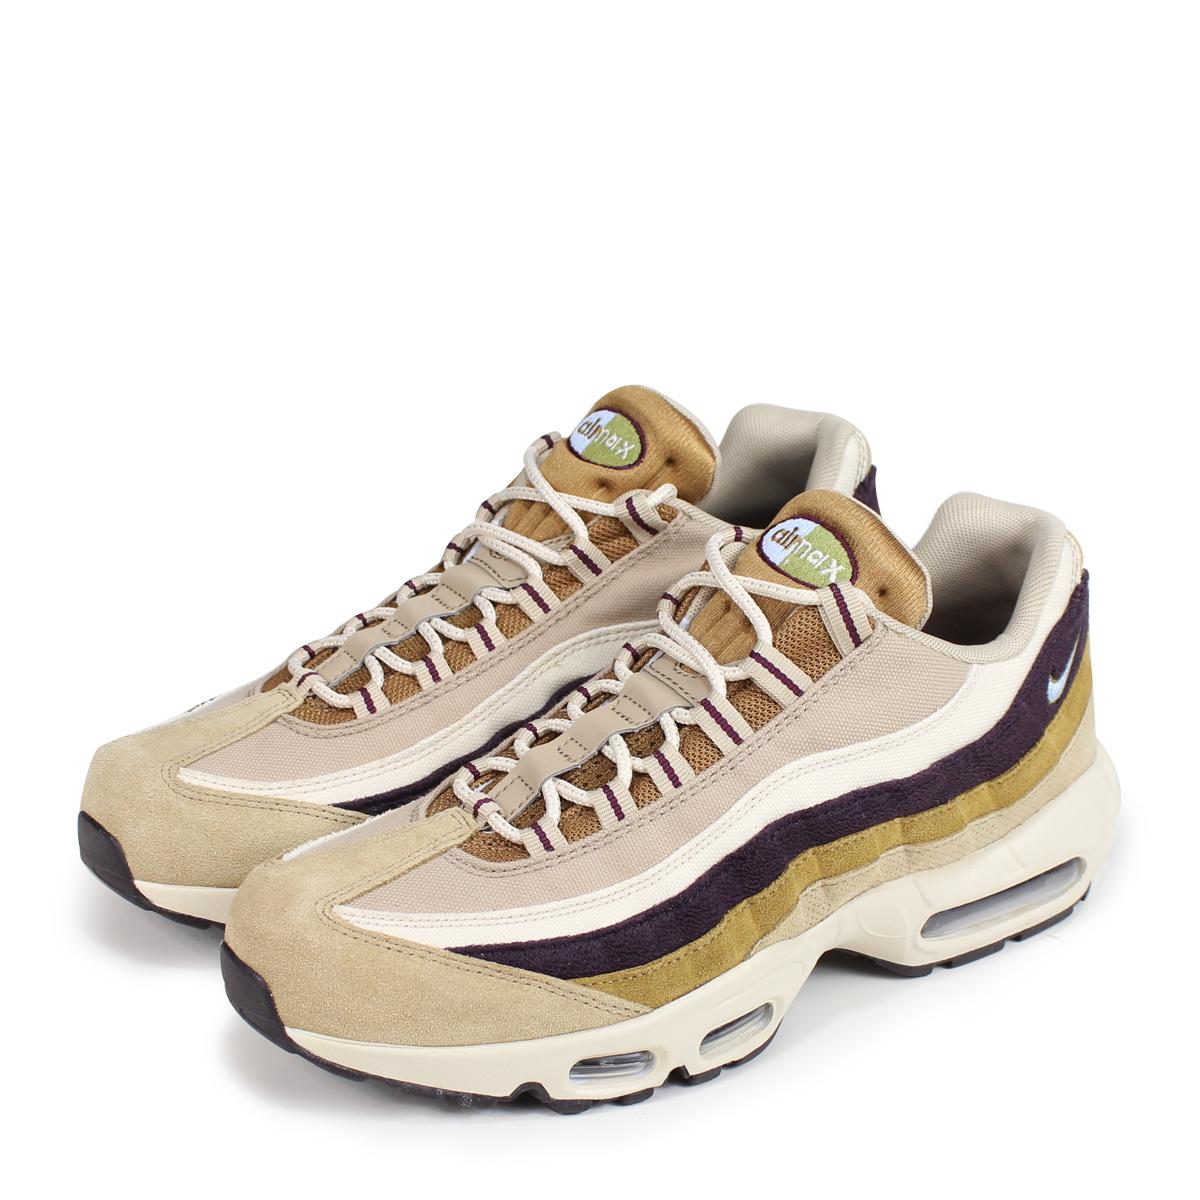 64c7dee2bd NIKE AIR MAX 95 PREMIUM Kie Ney AMAX 95 sneakers men 538,416-205 brown ...